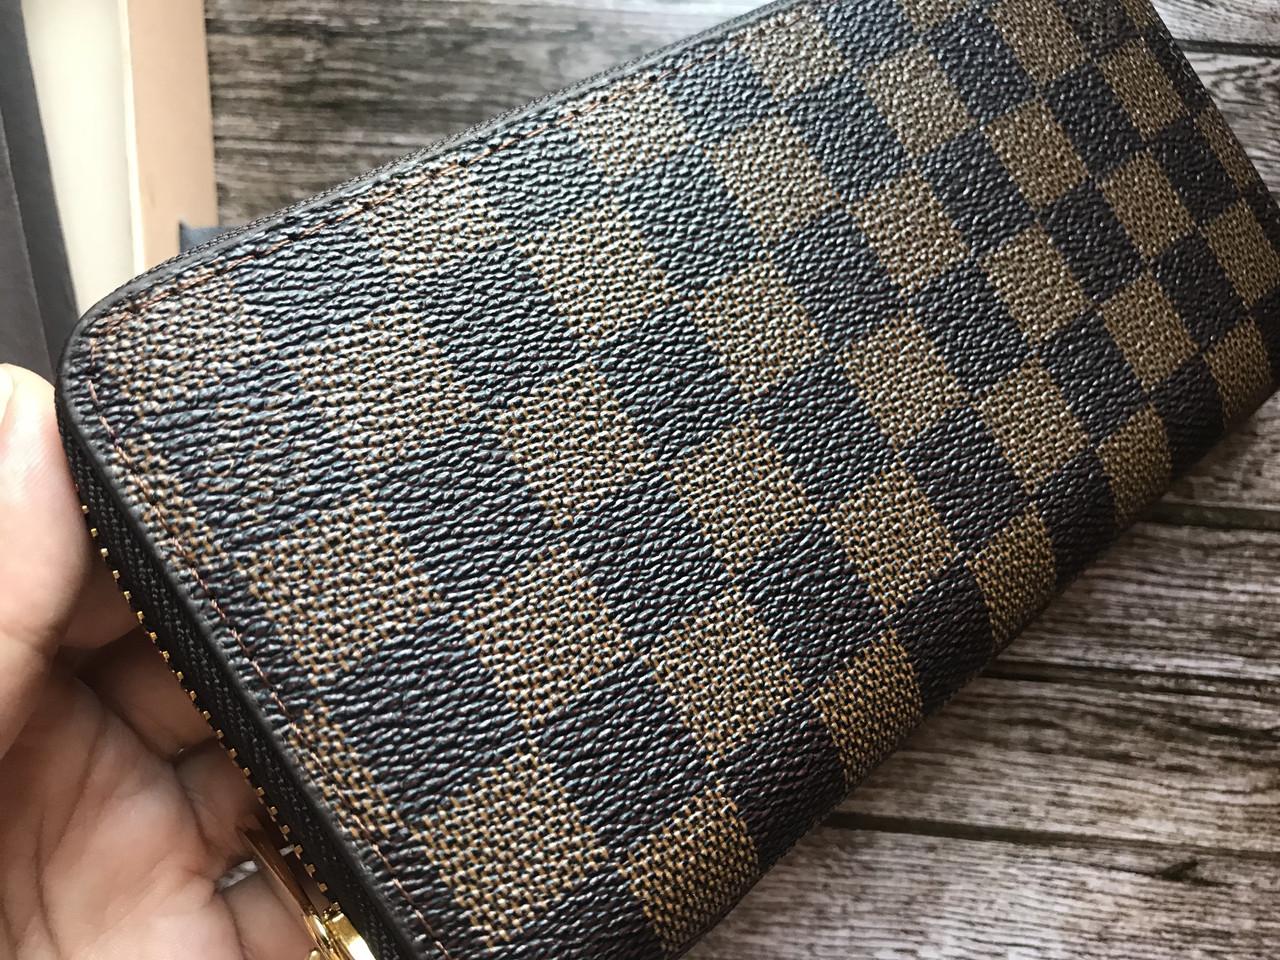 39ba3d7cfaeb Кошелек клатч портмоне бумажник коричневый мужской женский Louis Vuitton  премиум реплика, ...